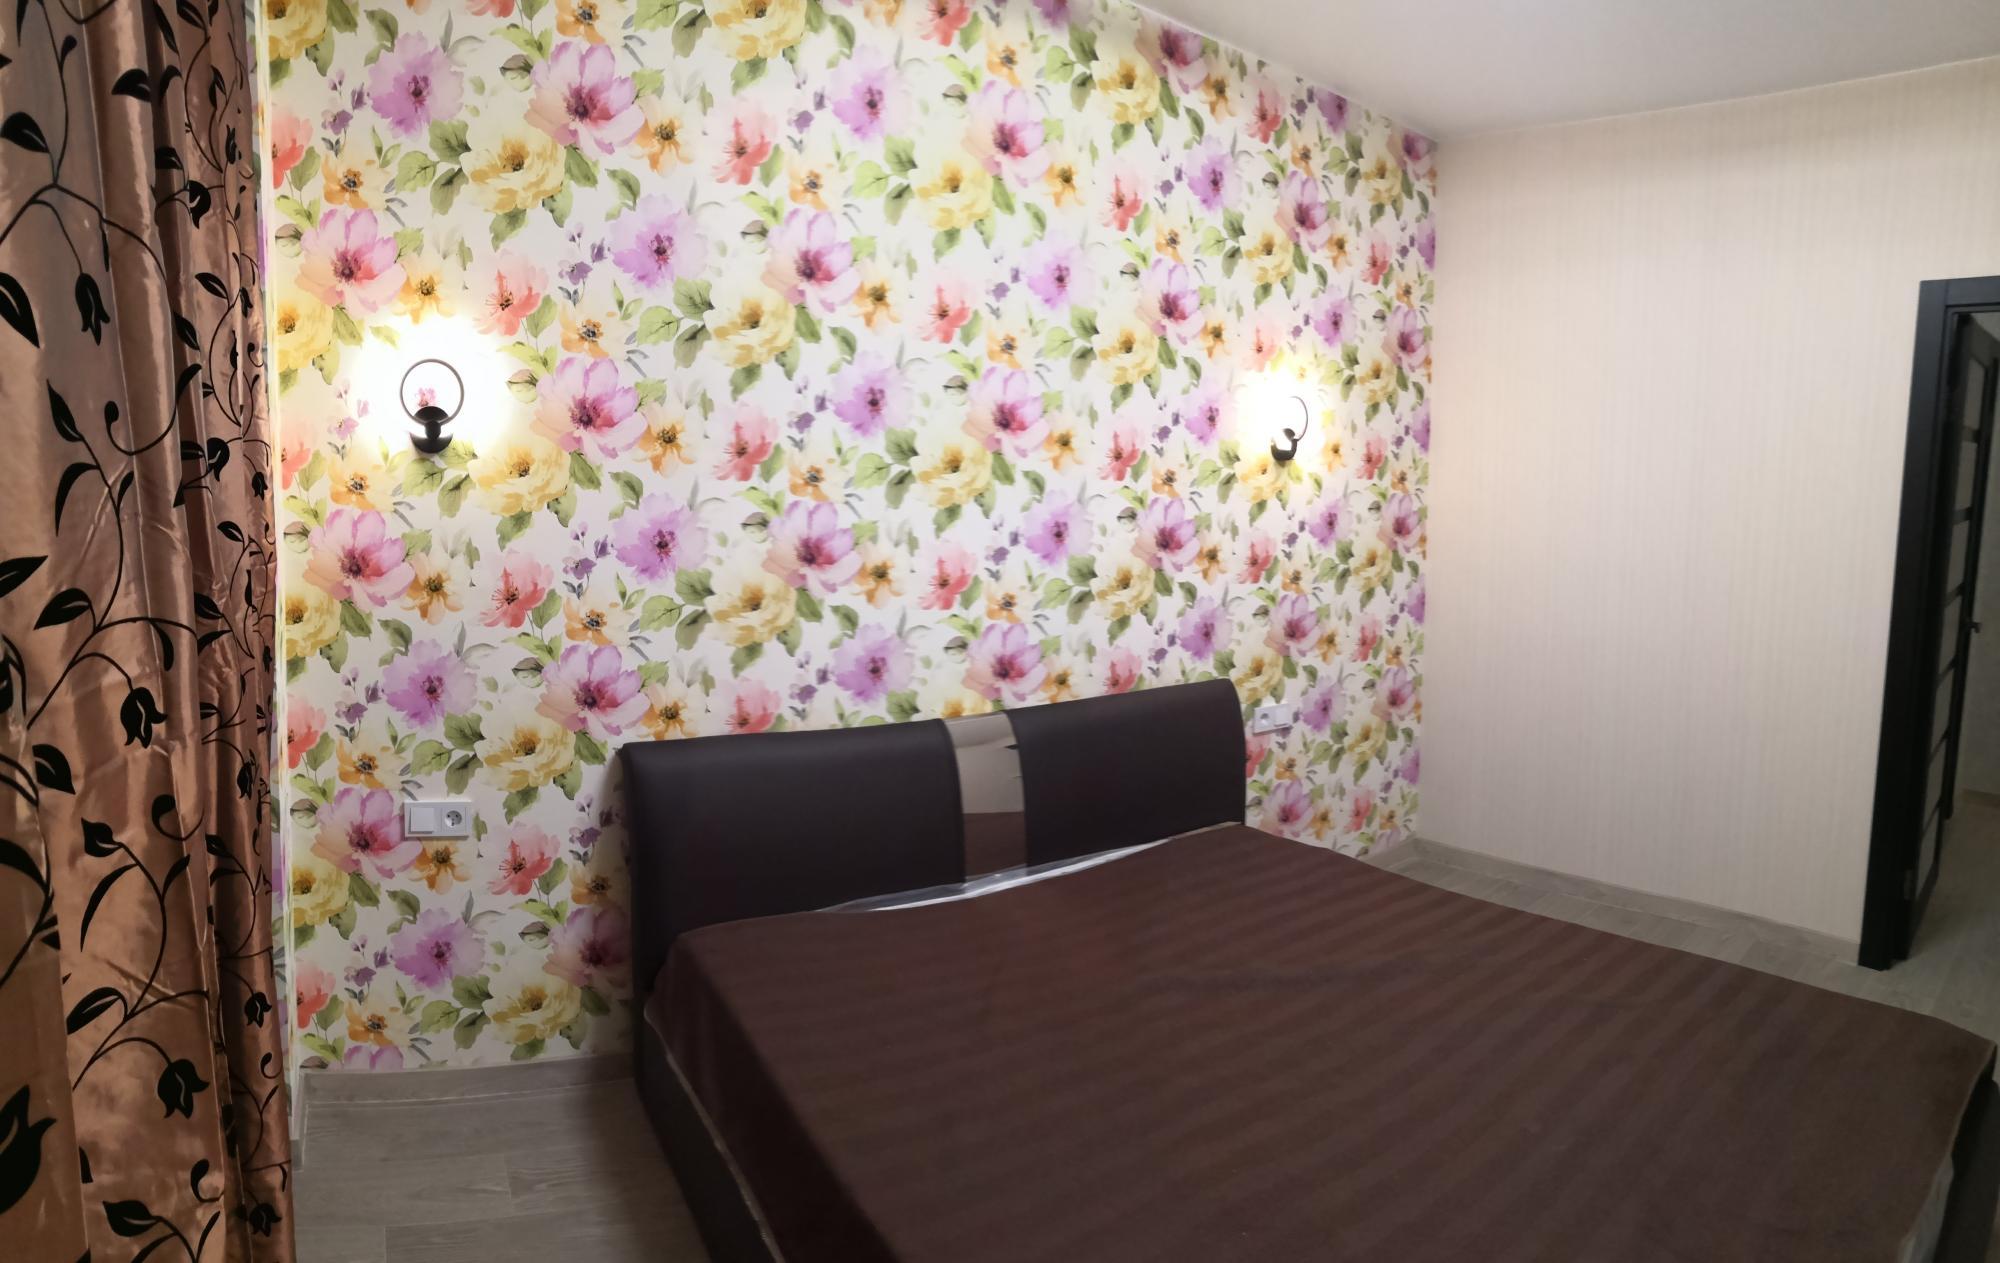 Квартира, 3 комнаты, 74 м² в Щербинке 89990025182 купить 10